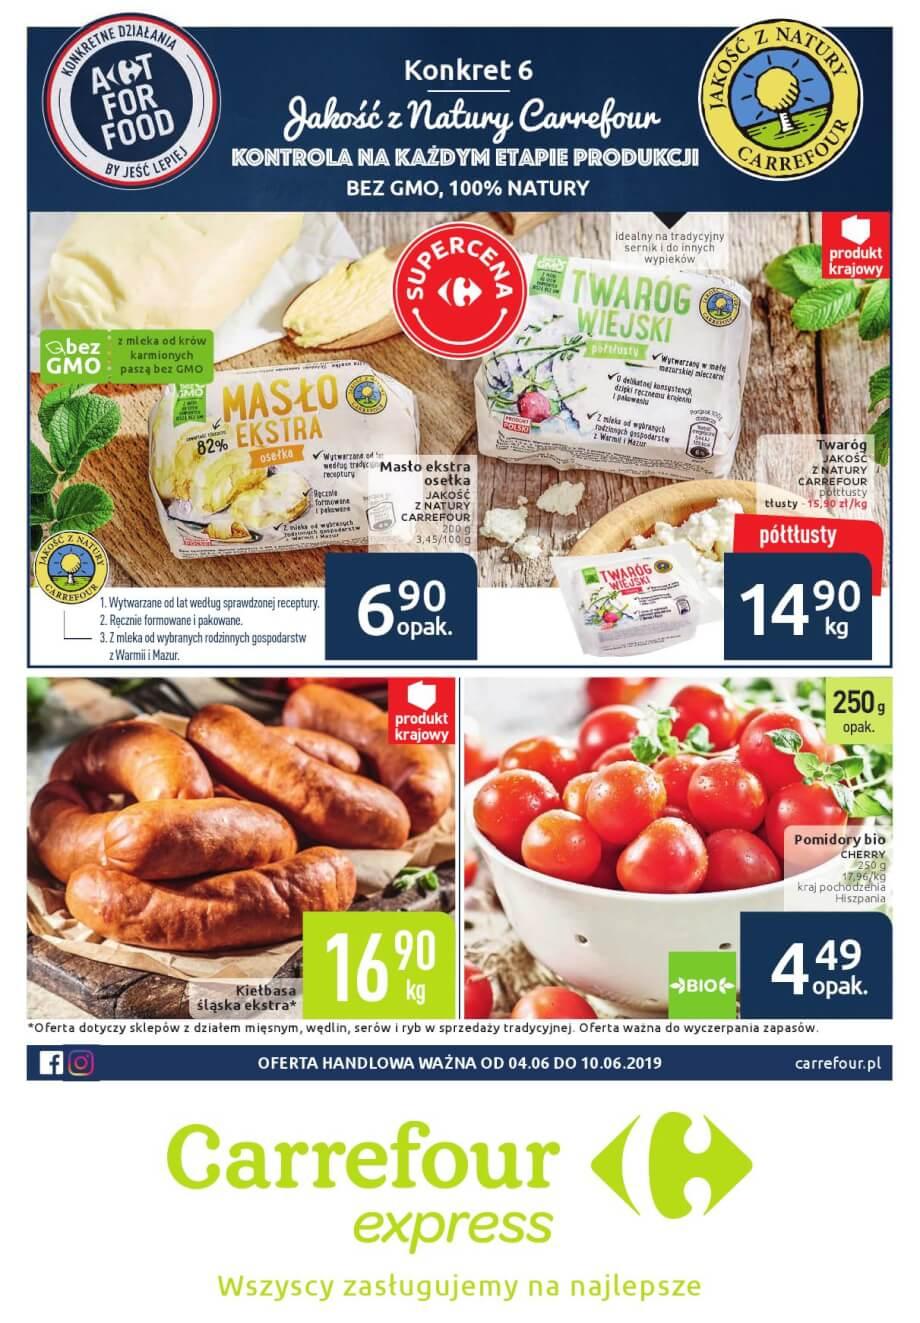 Carrefour Express, gazetka do 10.06.2019  s1